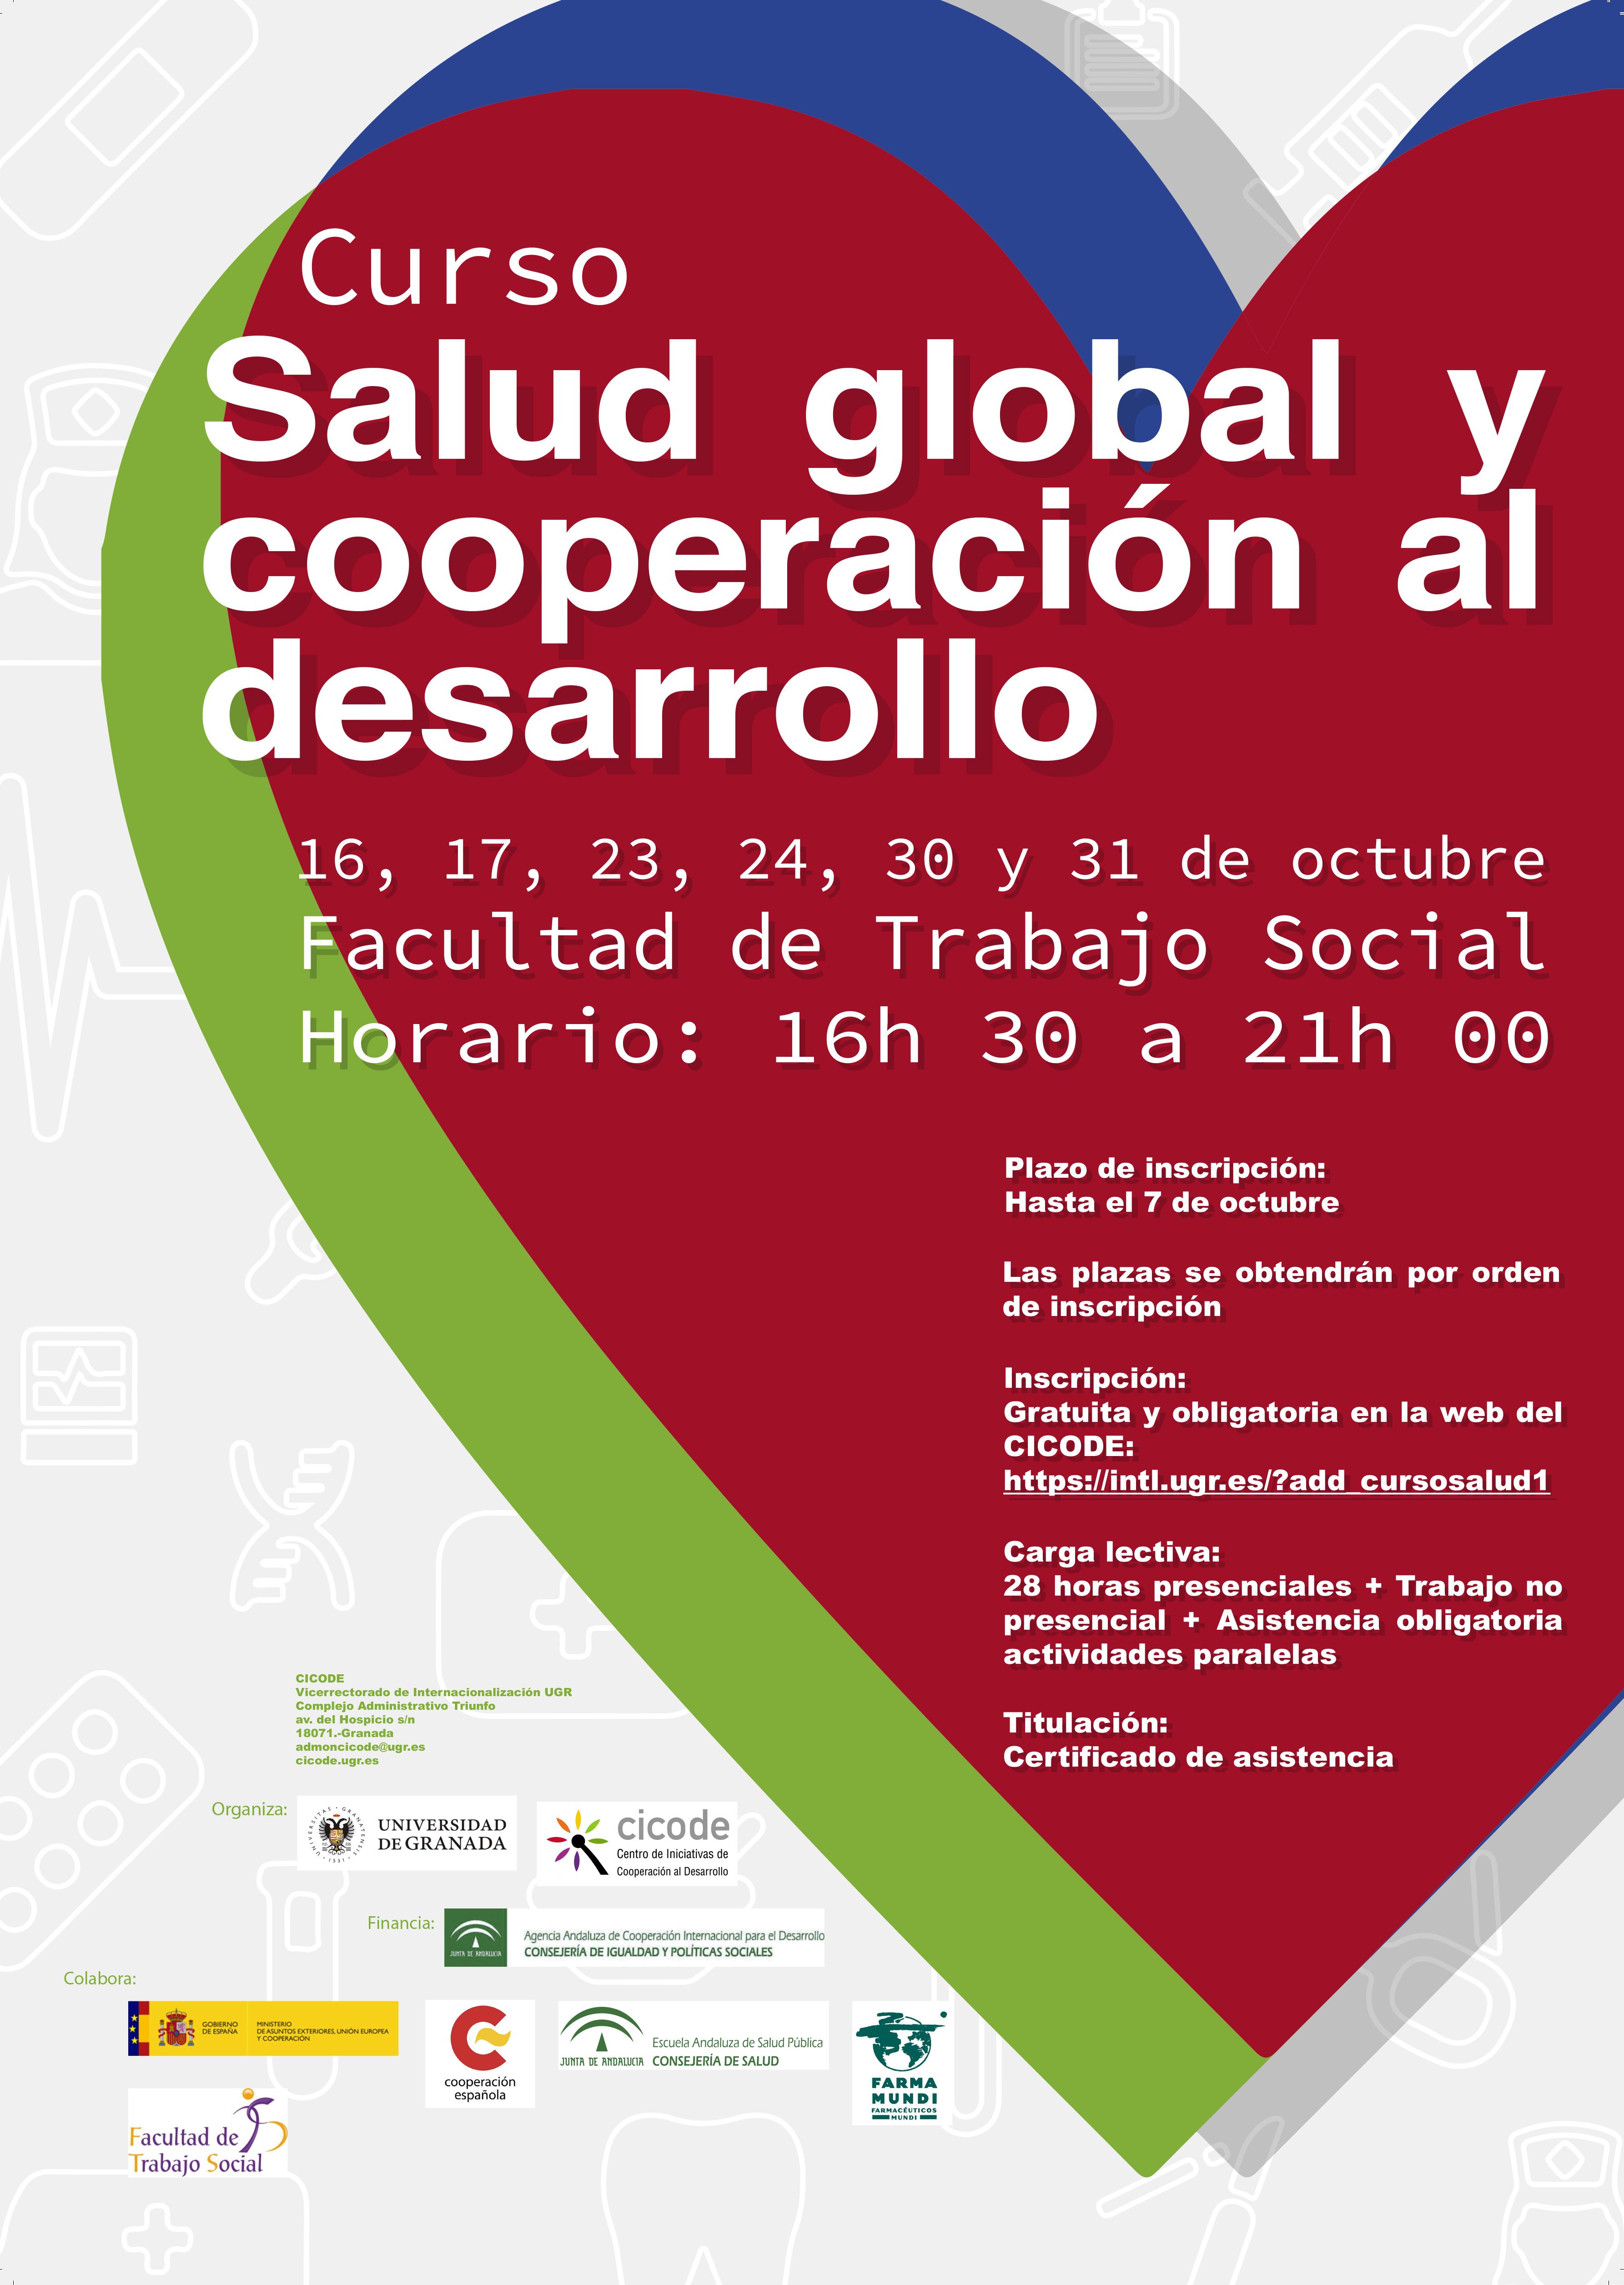 Curso organizado por el Centro de Iniciativas de Cooperación para el Desarrollo (CICODE) de la Universidad de Granada